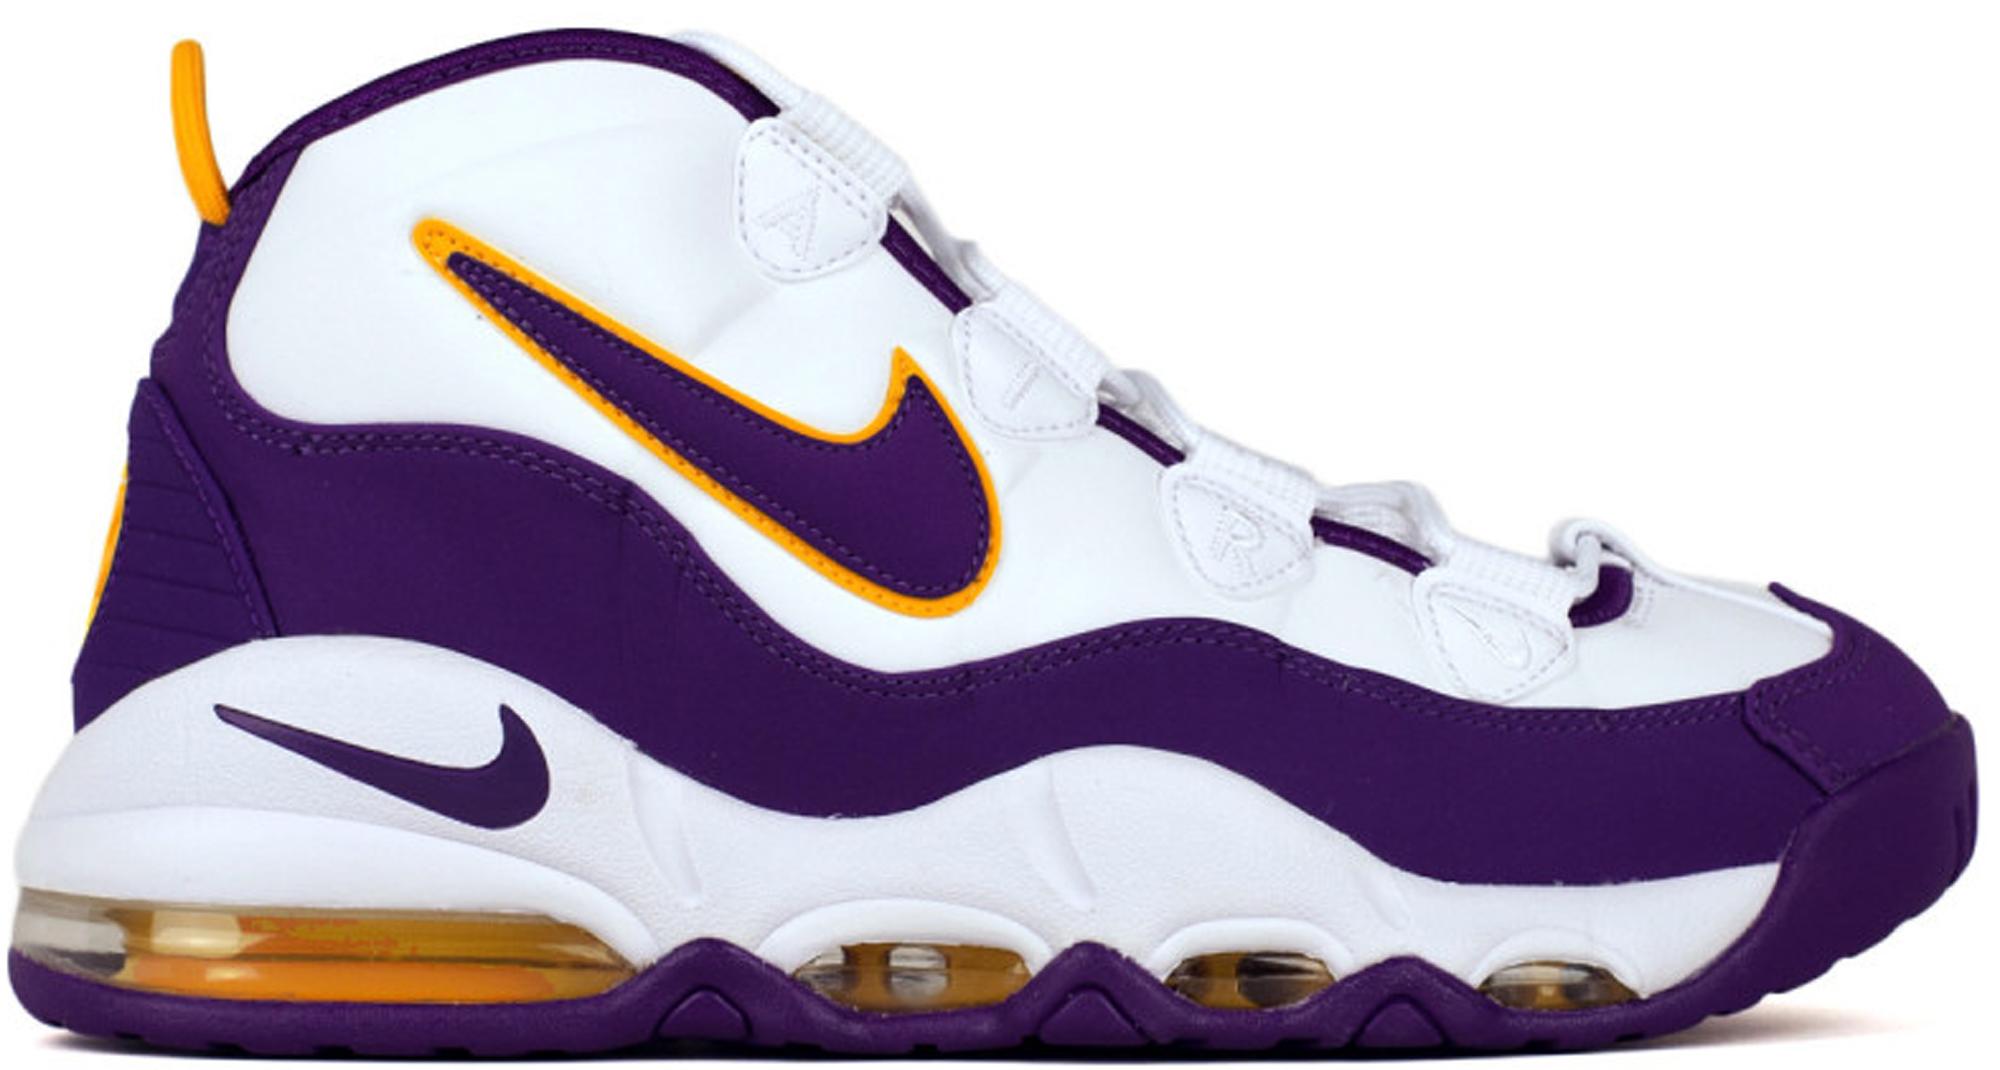 Nike Air Max Uptempo Lakers Derek